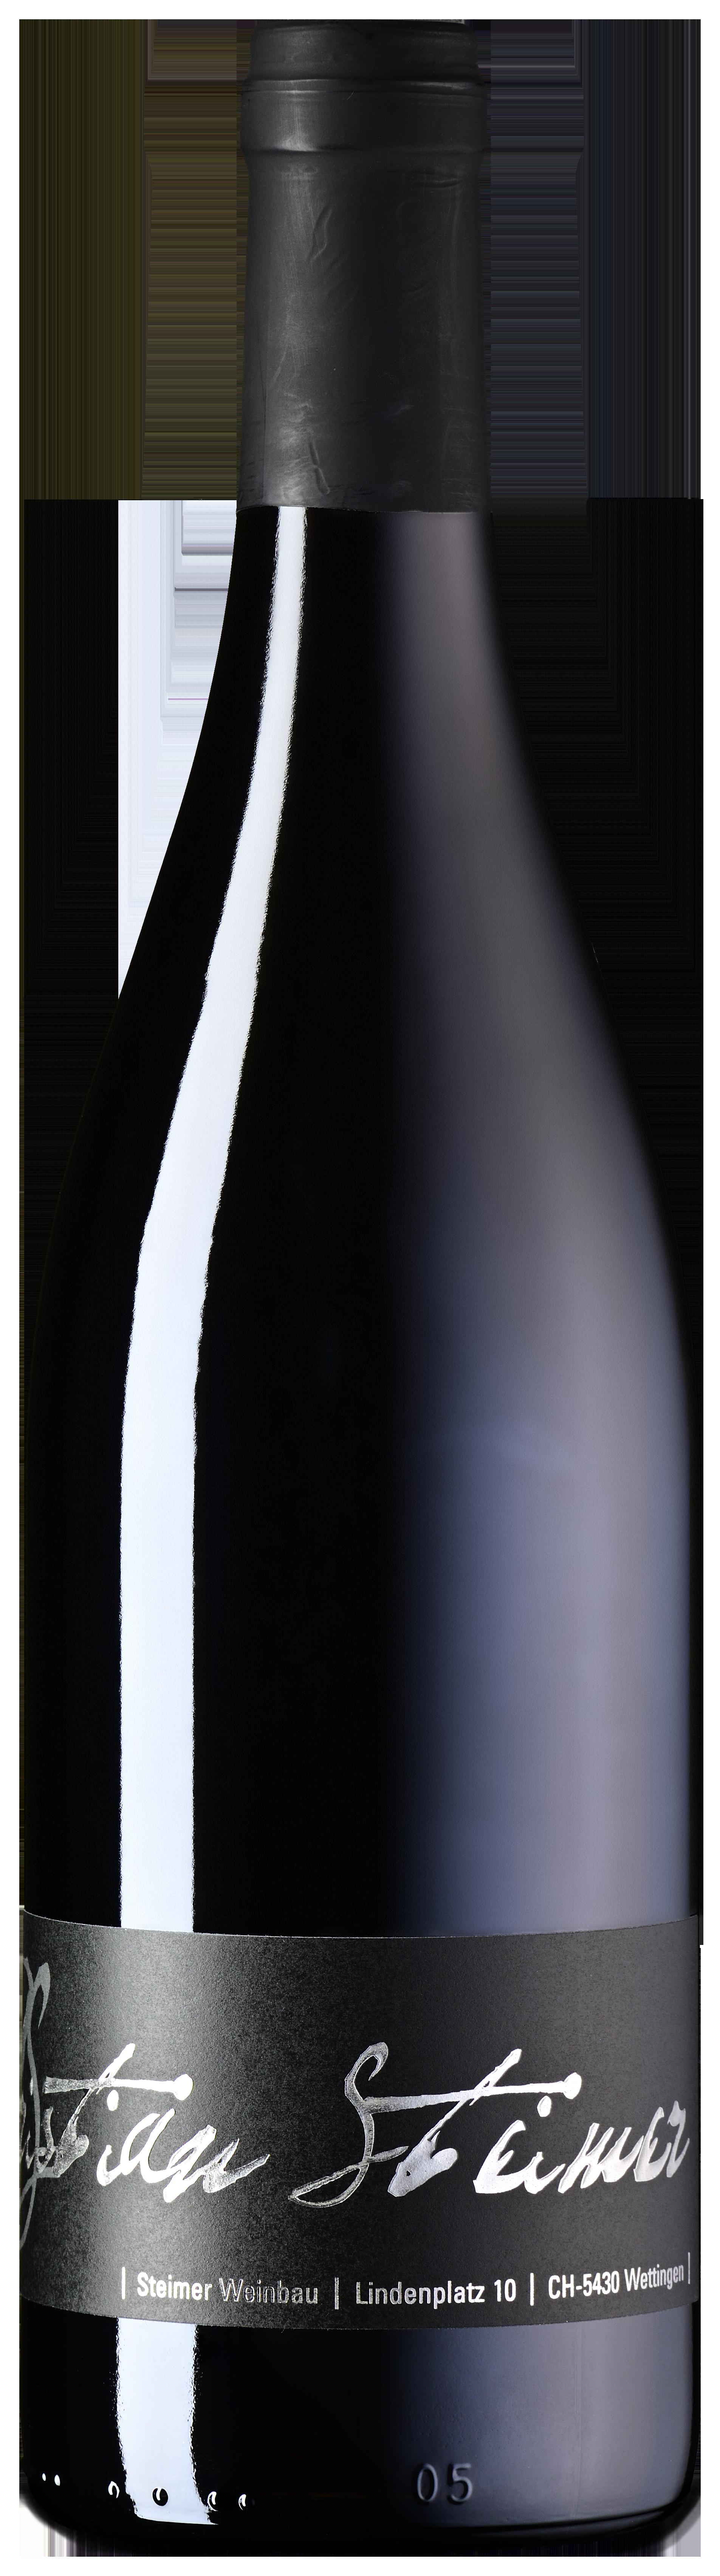 Christian Steimer Pinot Noir V1